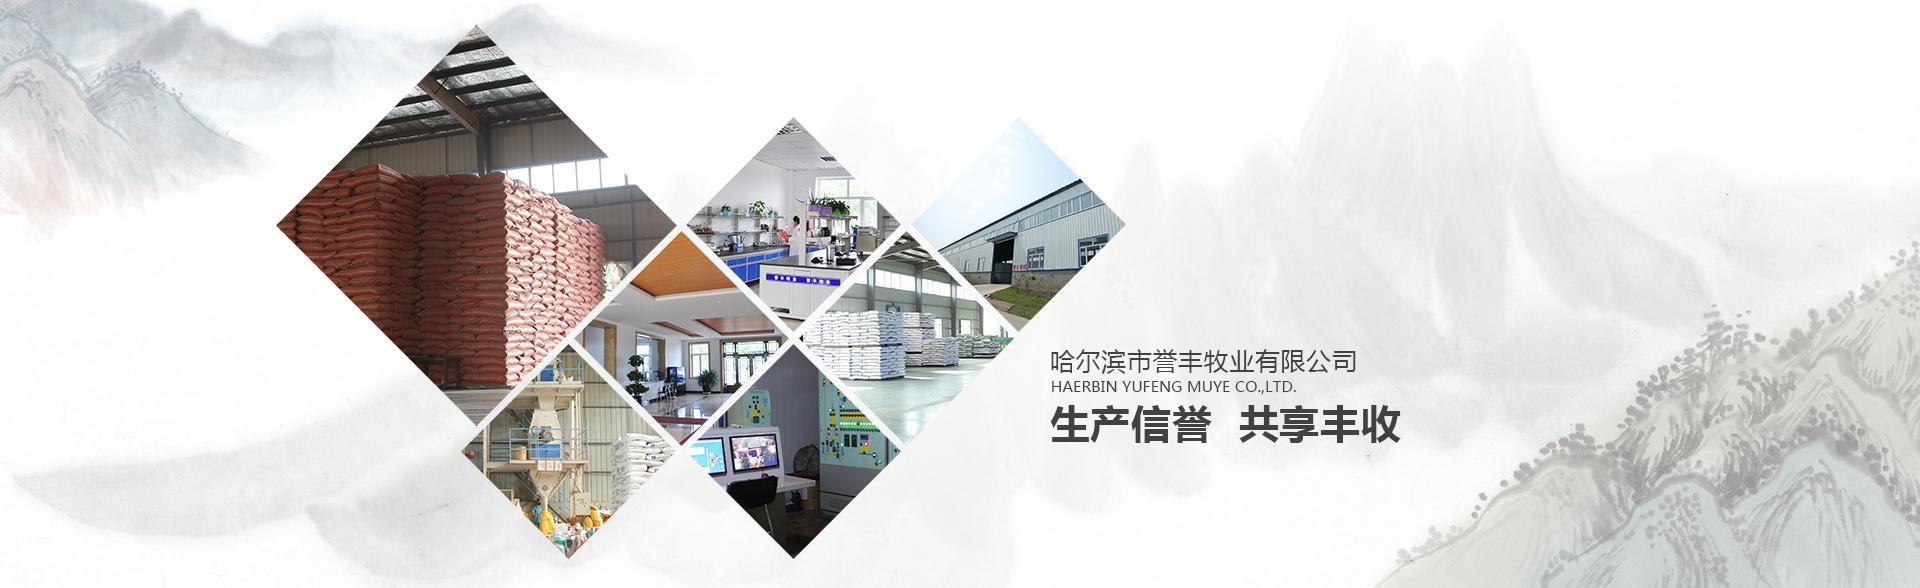 哈尔滨市誉丰牧业有限公司